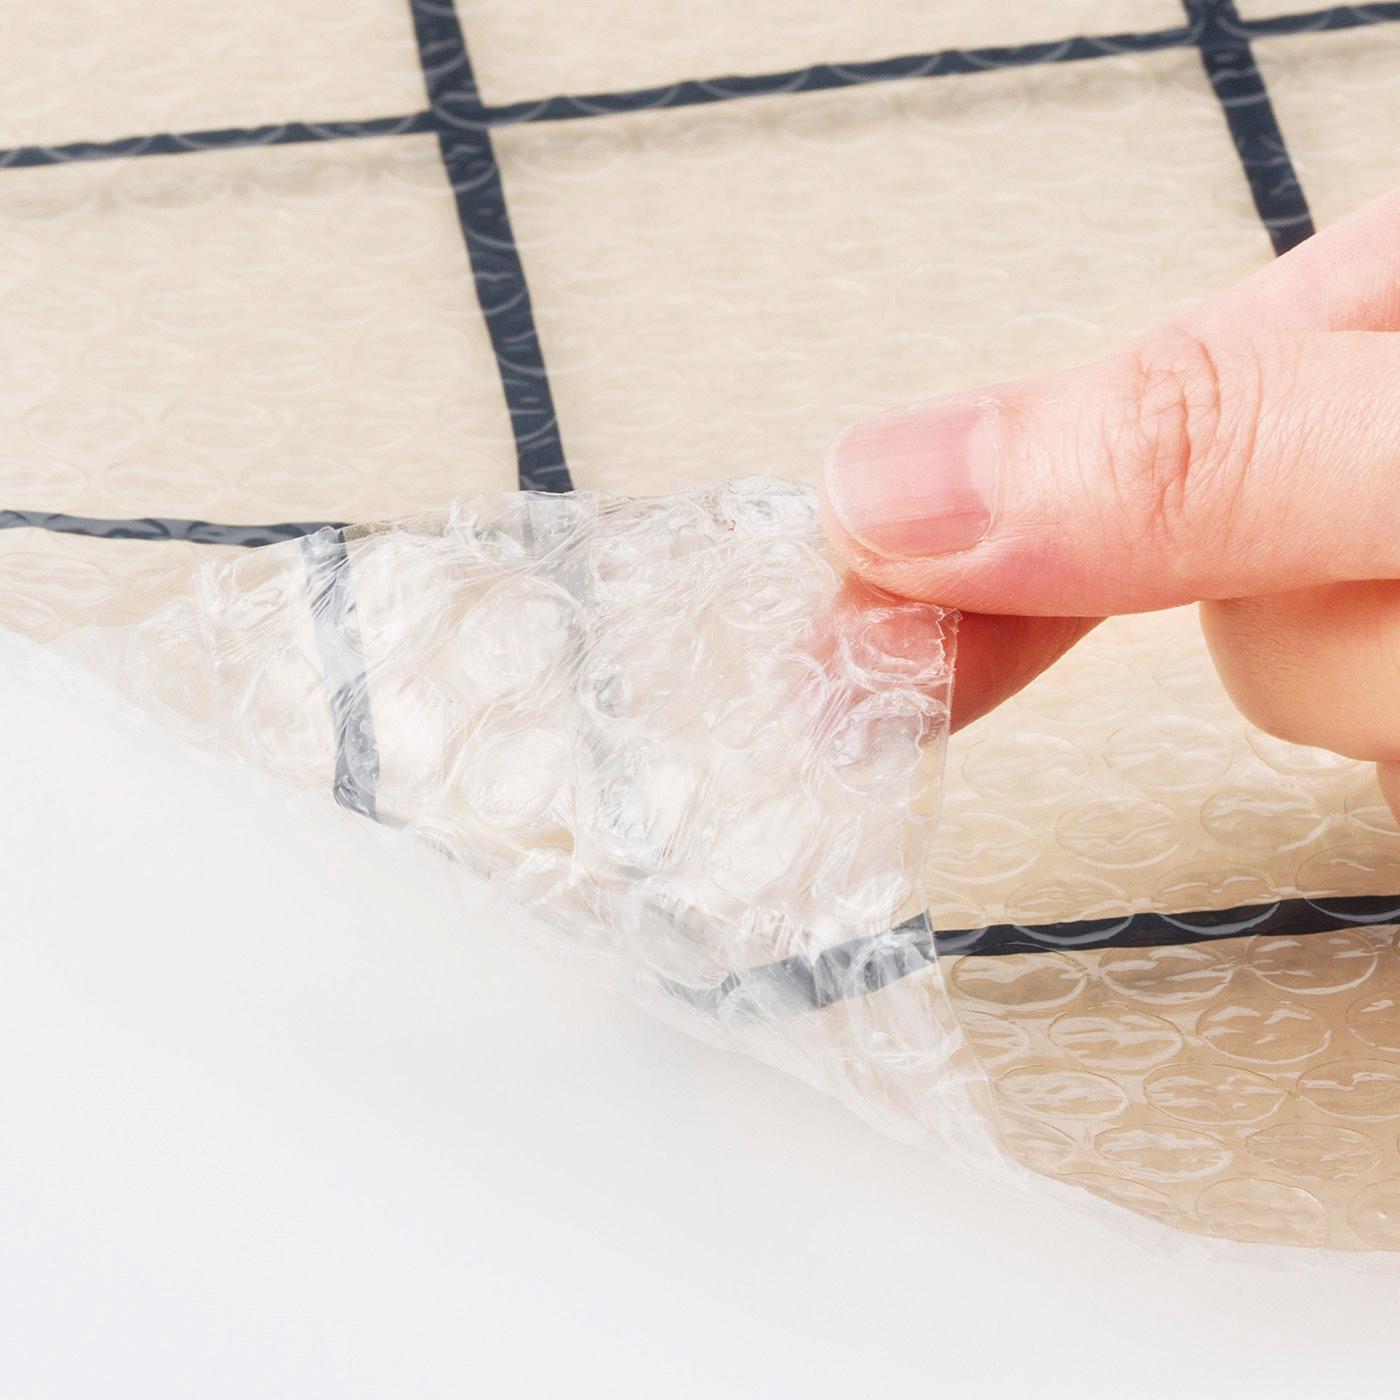 空気の層を作って外からの冷気をカット。裏面は粘着加工してあるので手軽に貼れます。